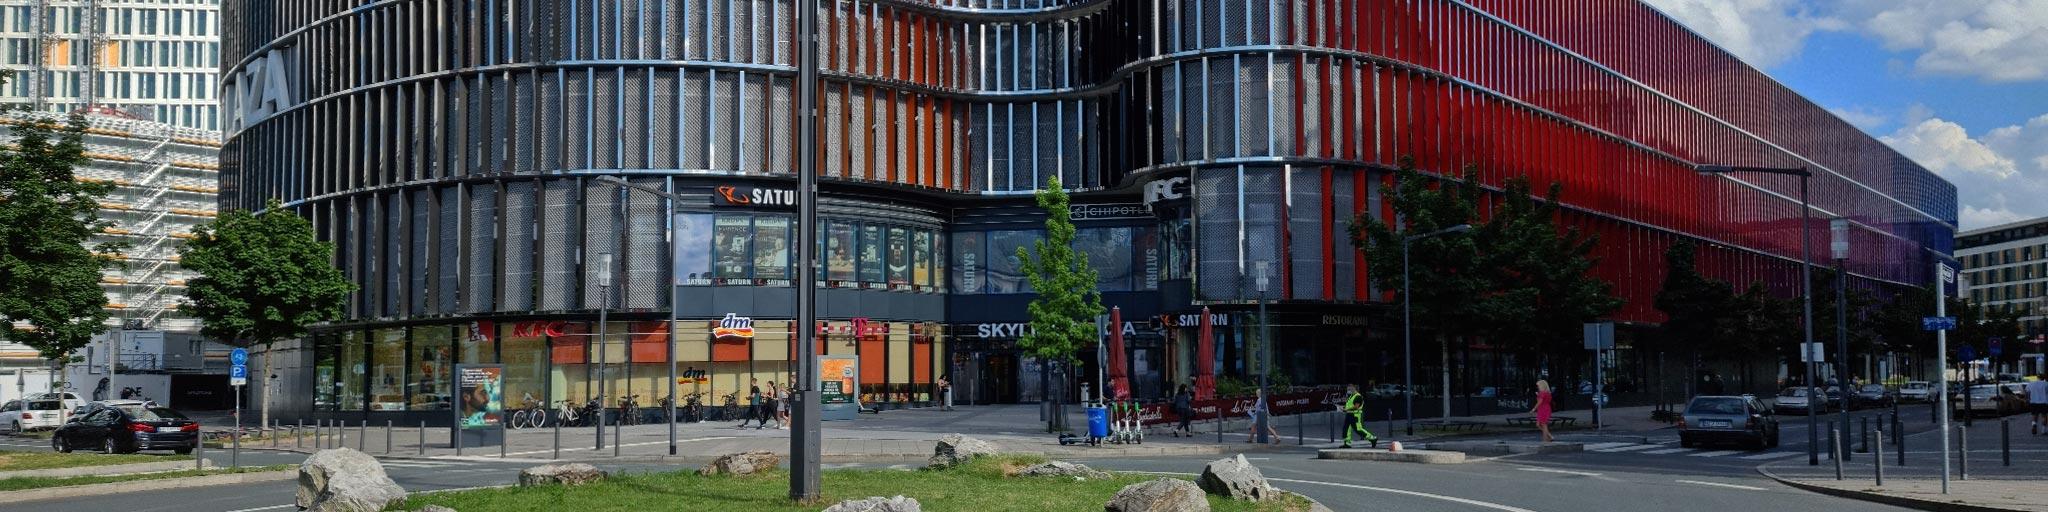 Skyline Plaza Frankfurt - Skyline Plaza Einkaufszentrum - Frankfurt Skyline Plaza - Skyline Plaza FFM